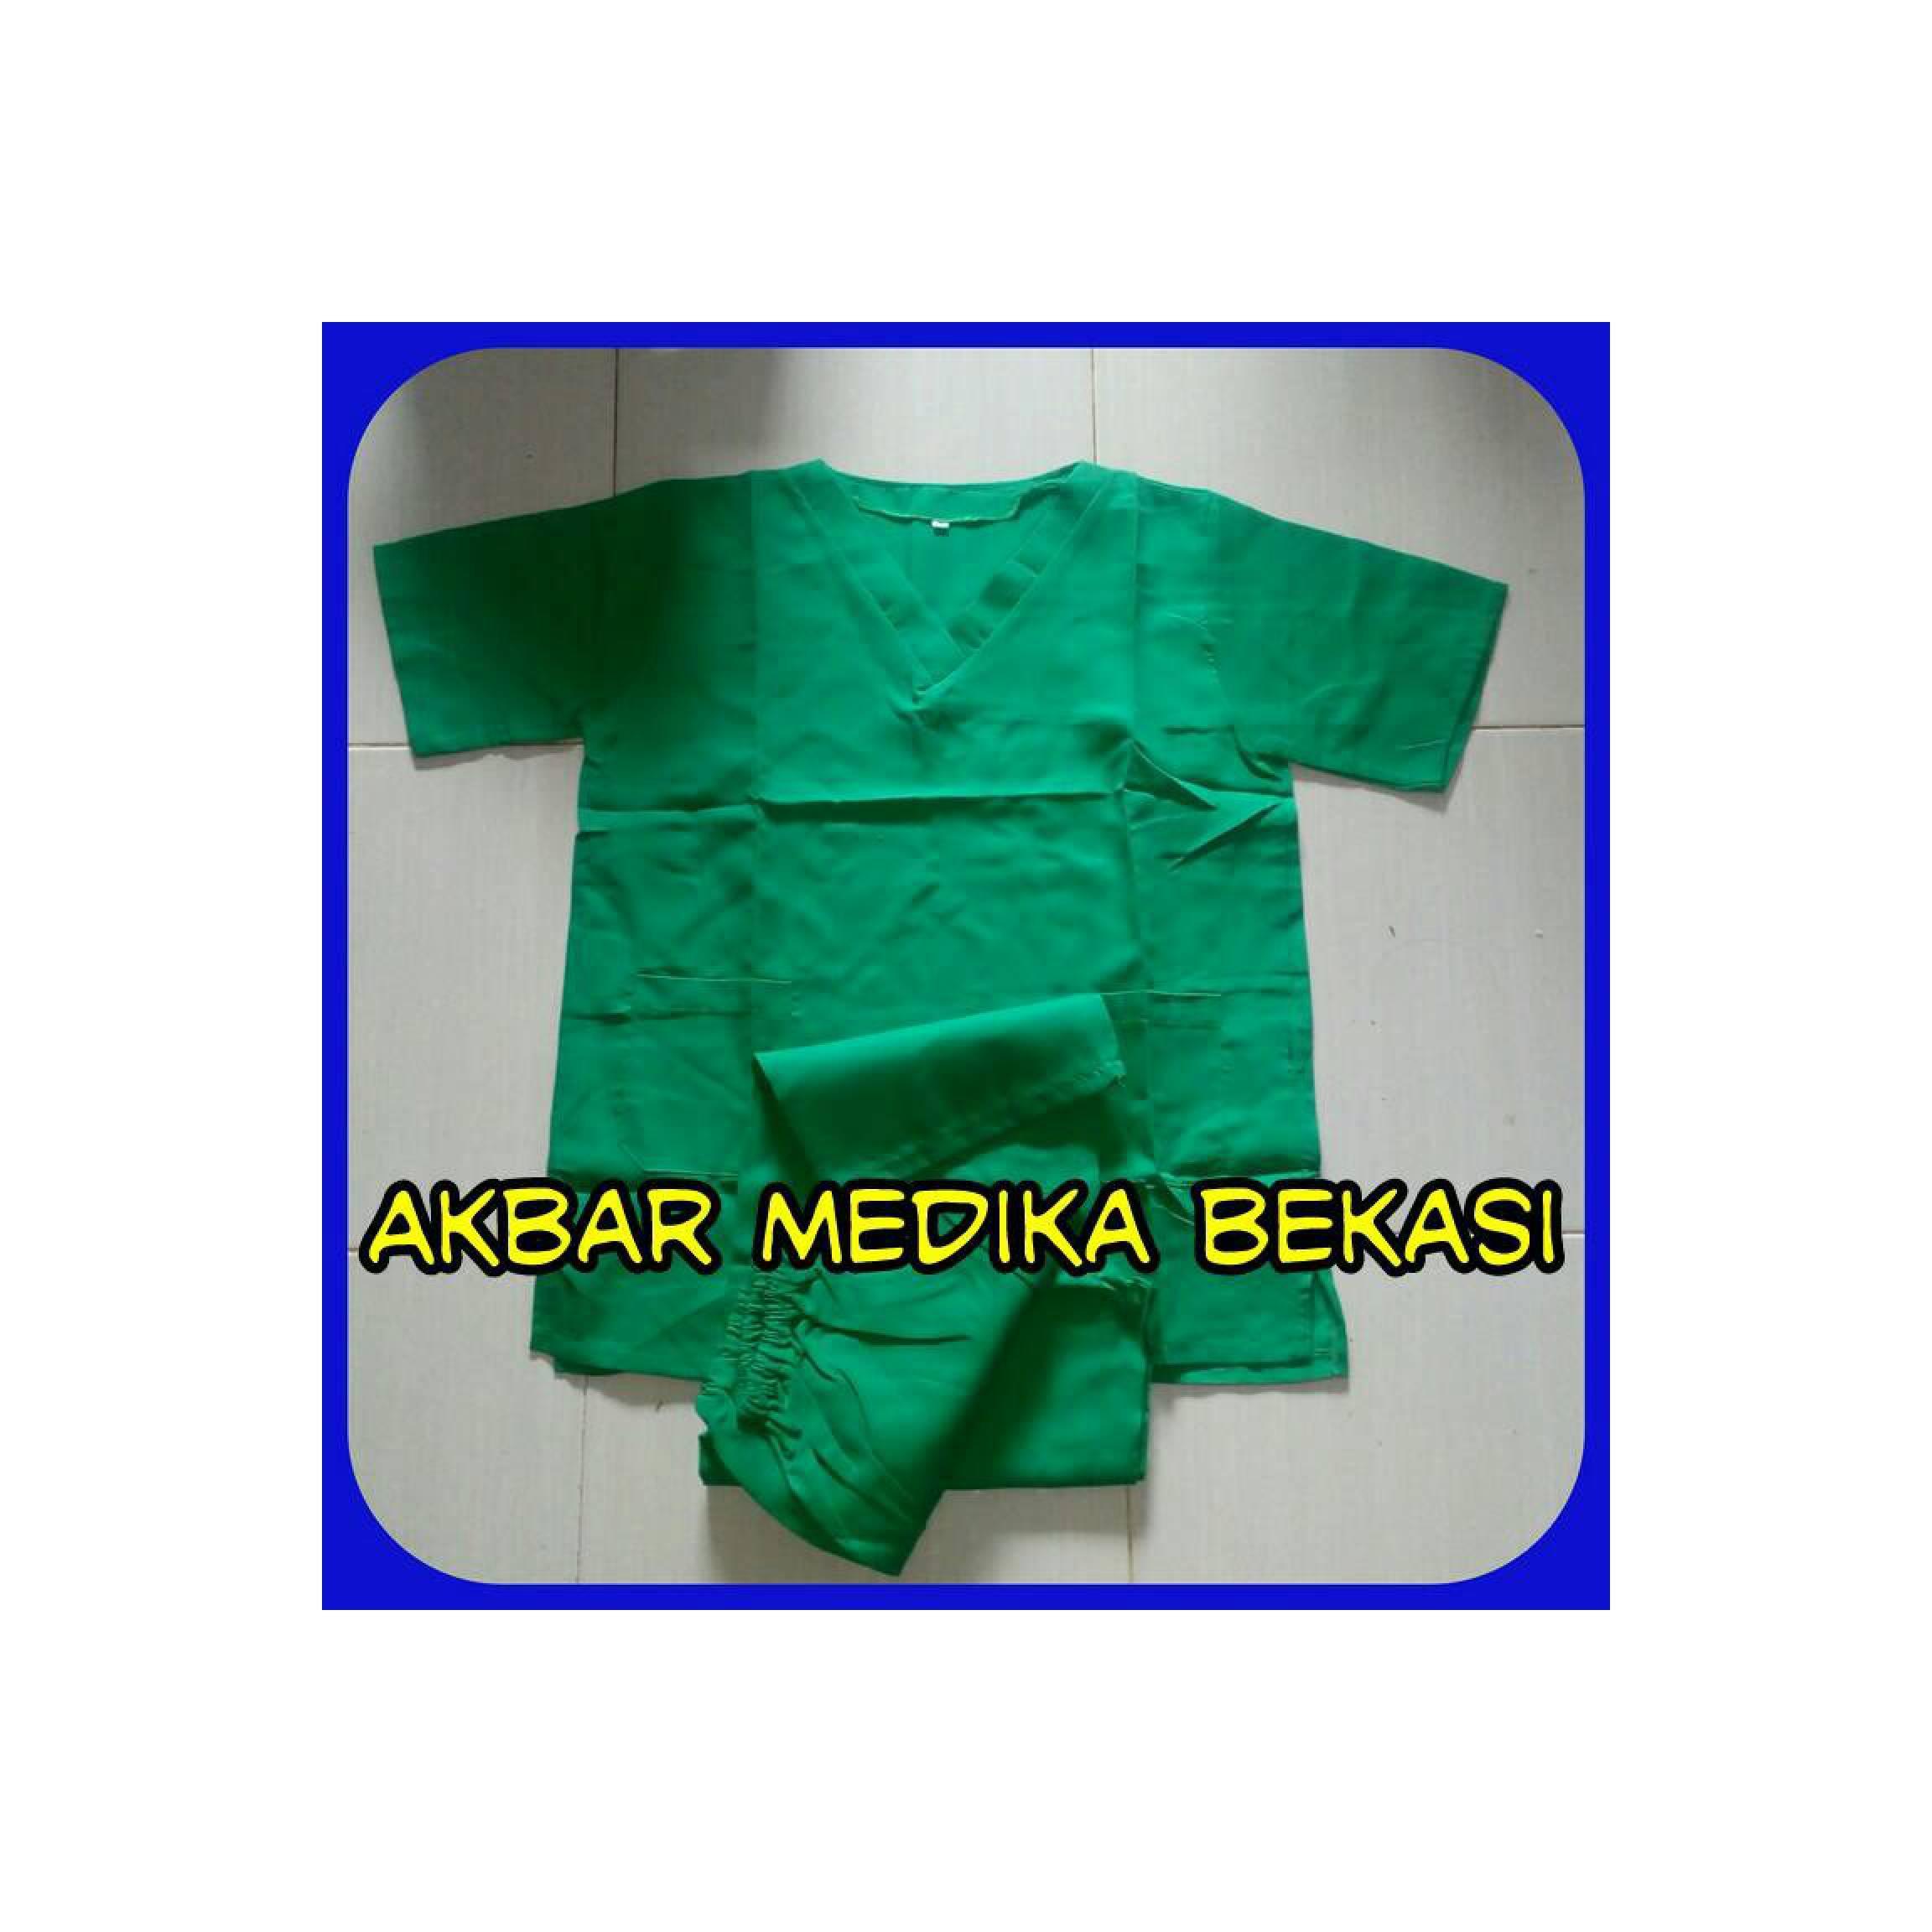 Baju OK / Baju Oka / Baju Jaga/ Baju Operasi